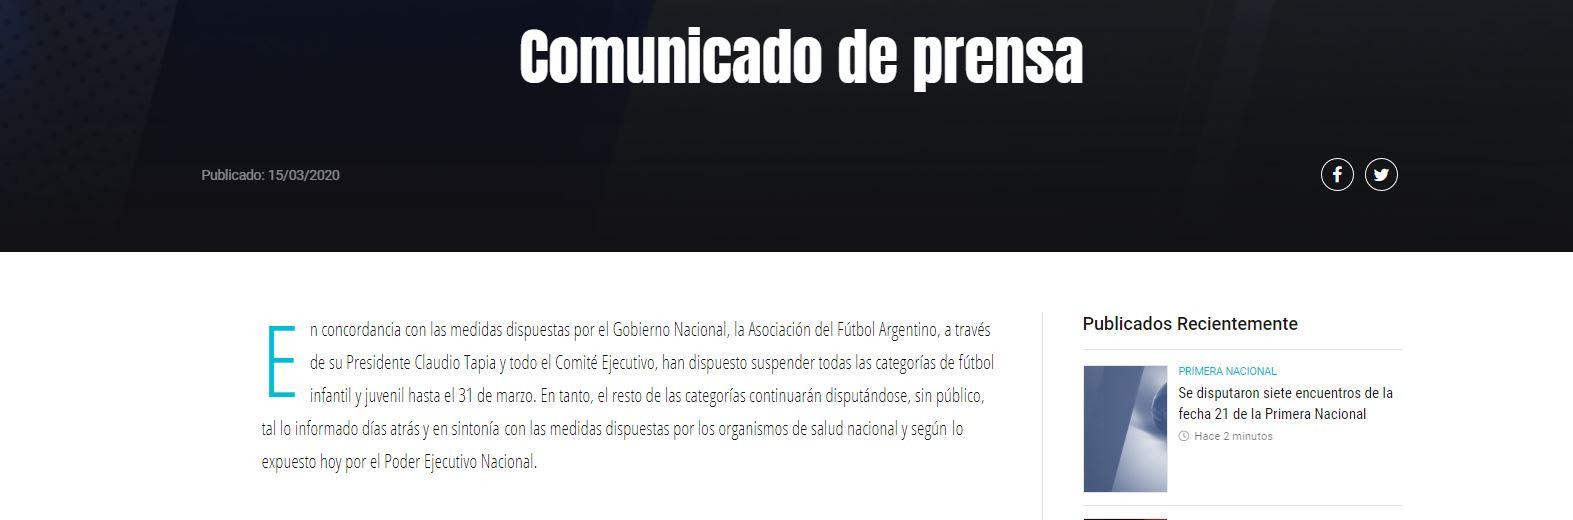 El comunicado de la AFA tras el anuncio de Alberto Fernández